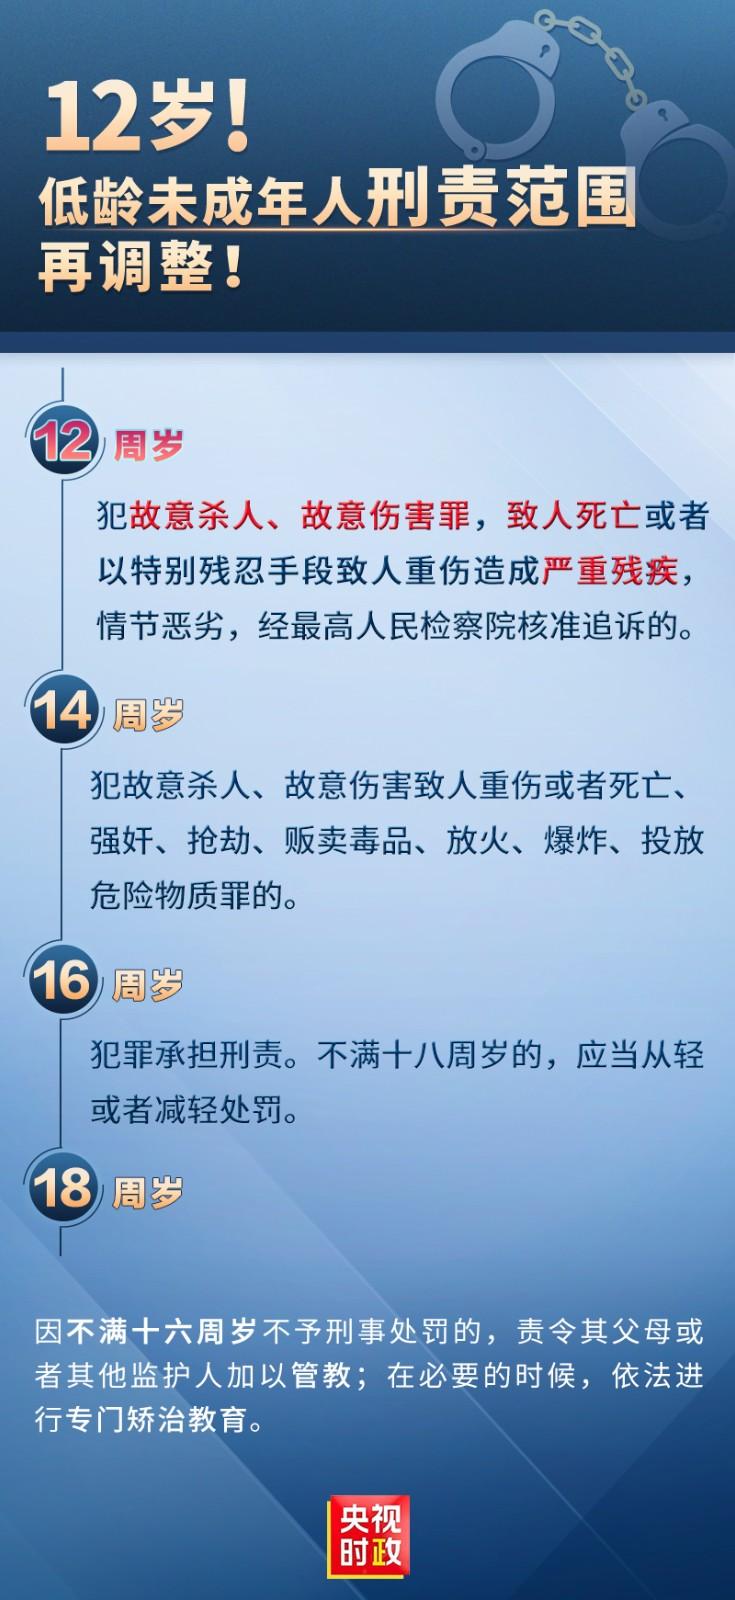 12岁,中国低龄未成年人刑责范围再调整_图1-1